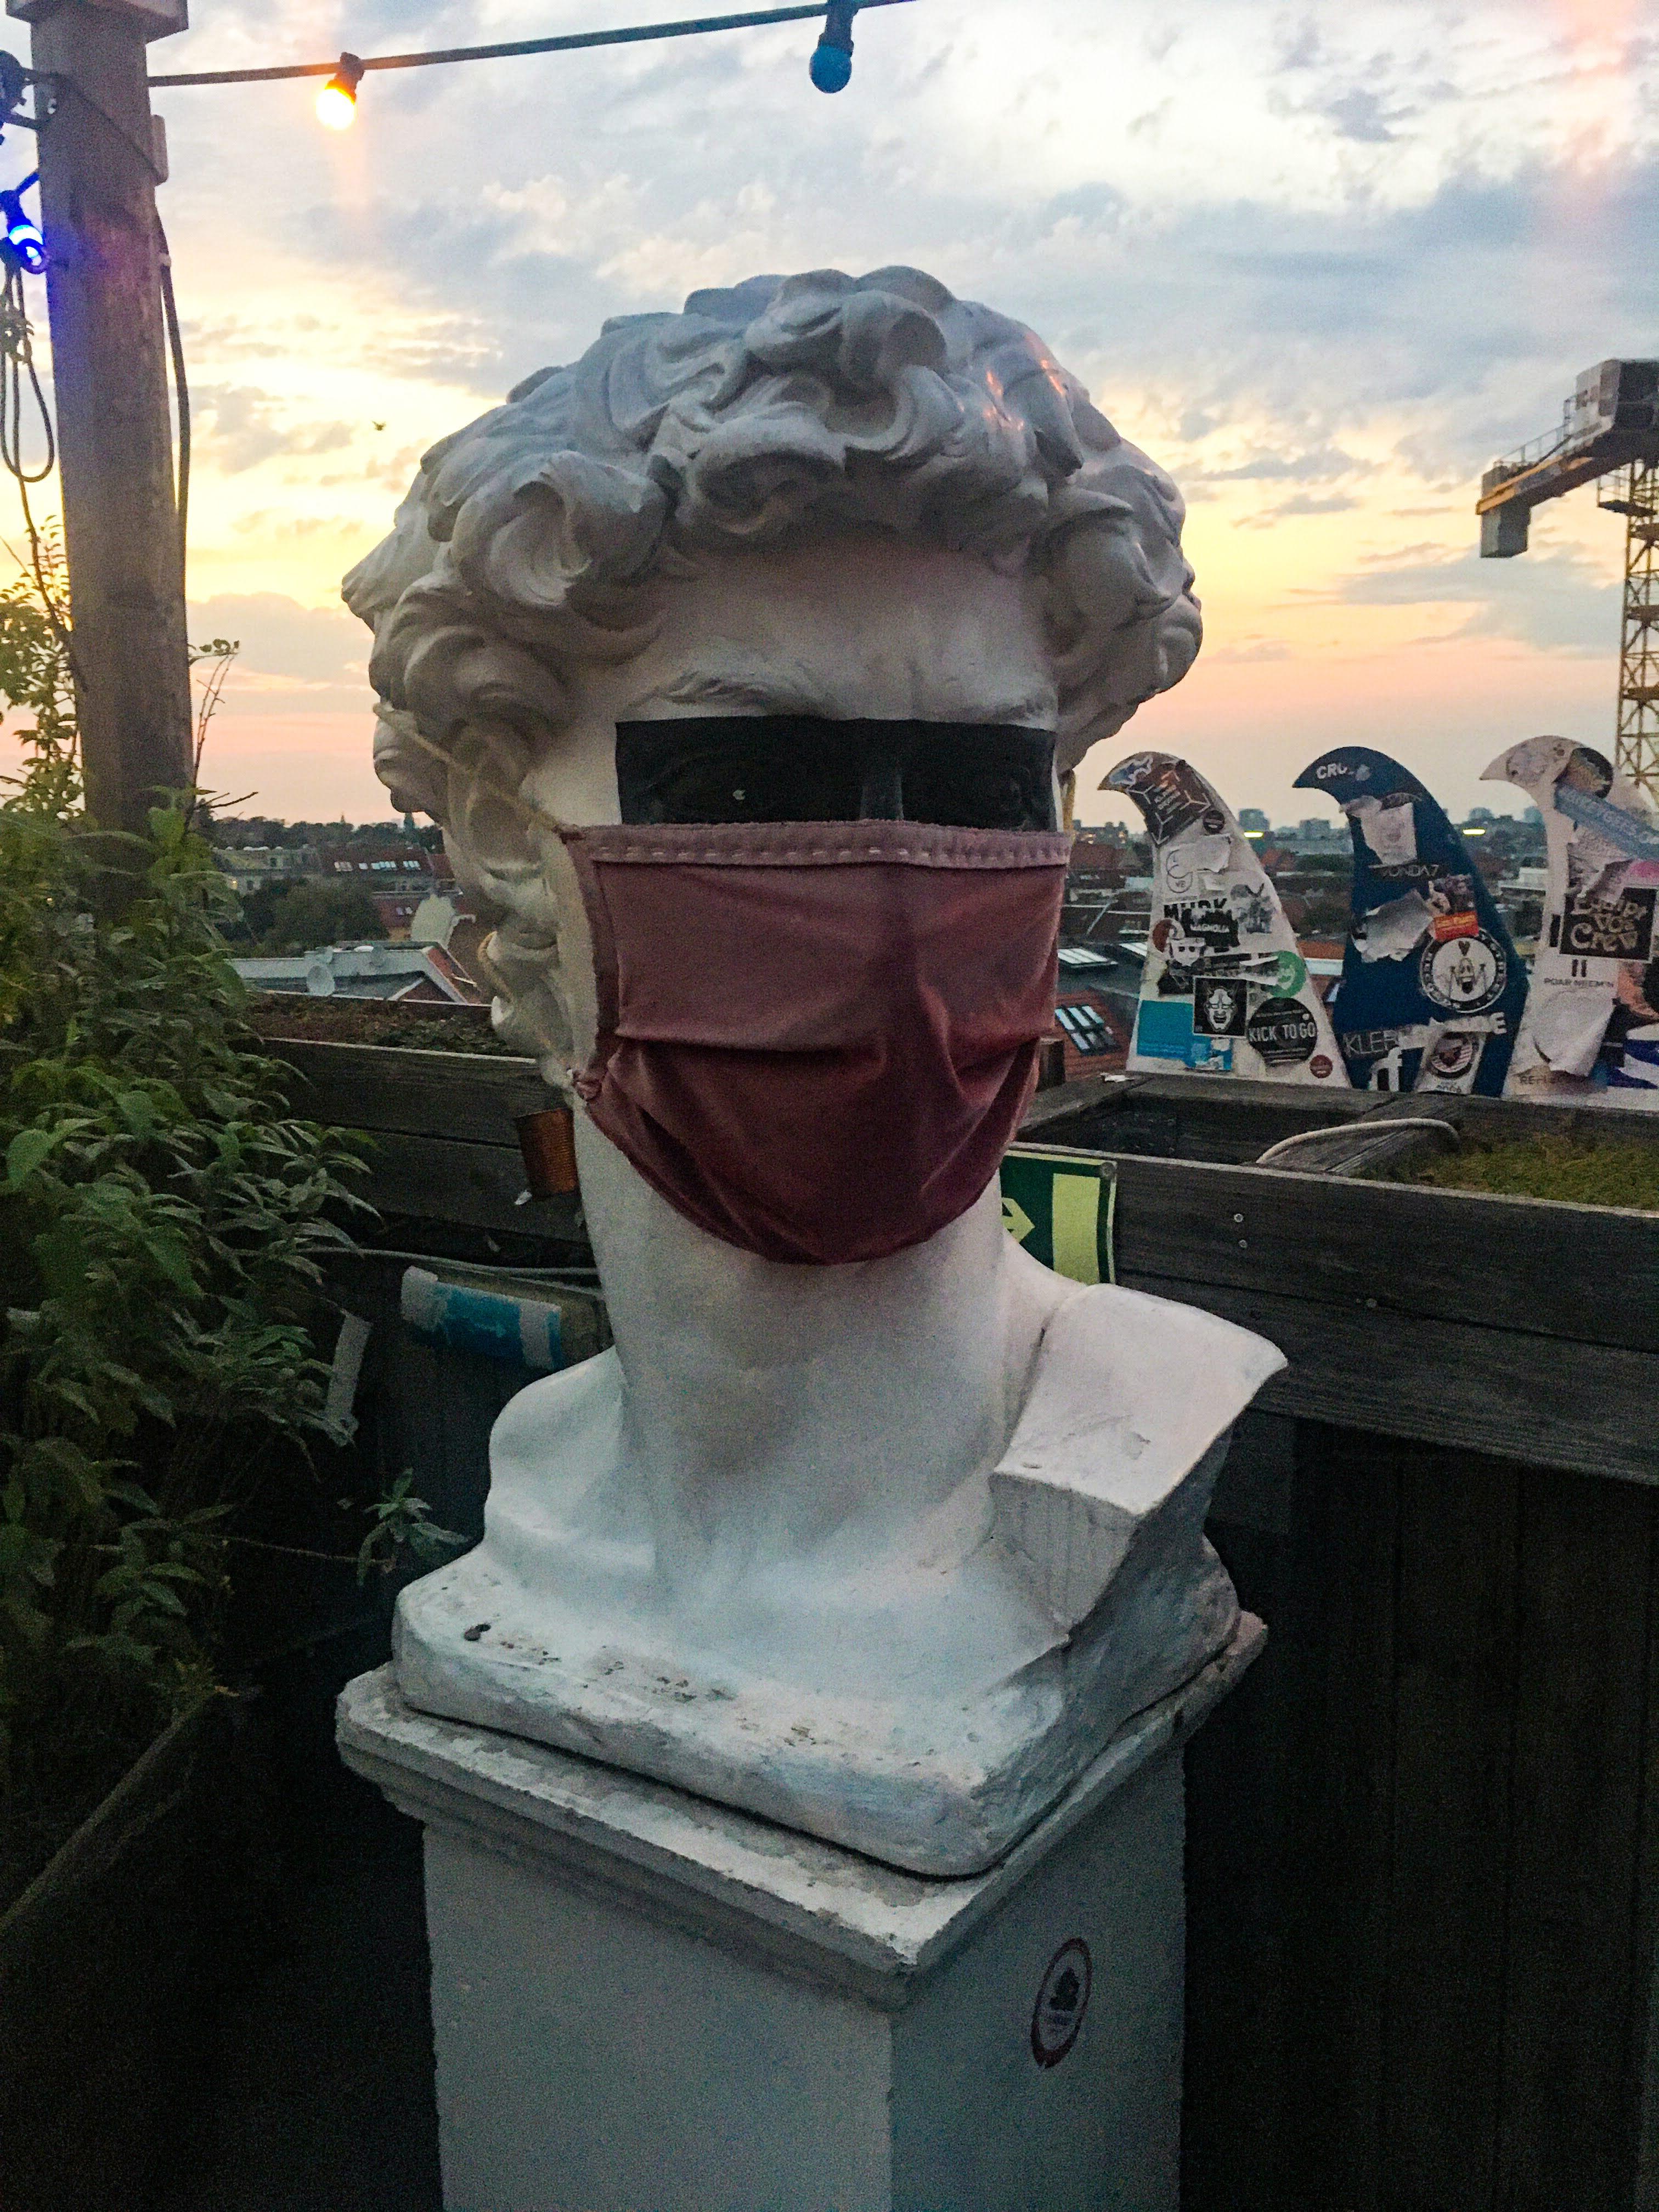 Klunkerkranig Berlin beer garden rooftop bar statue mask